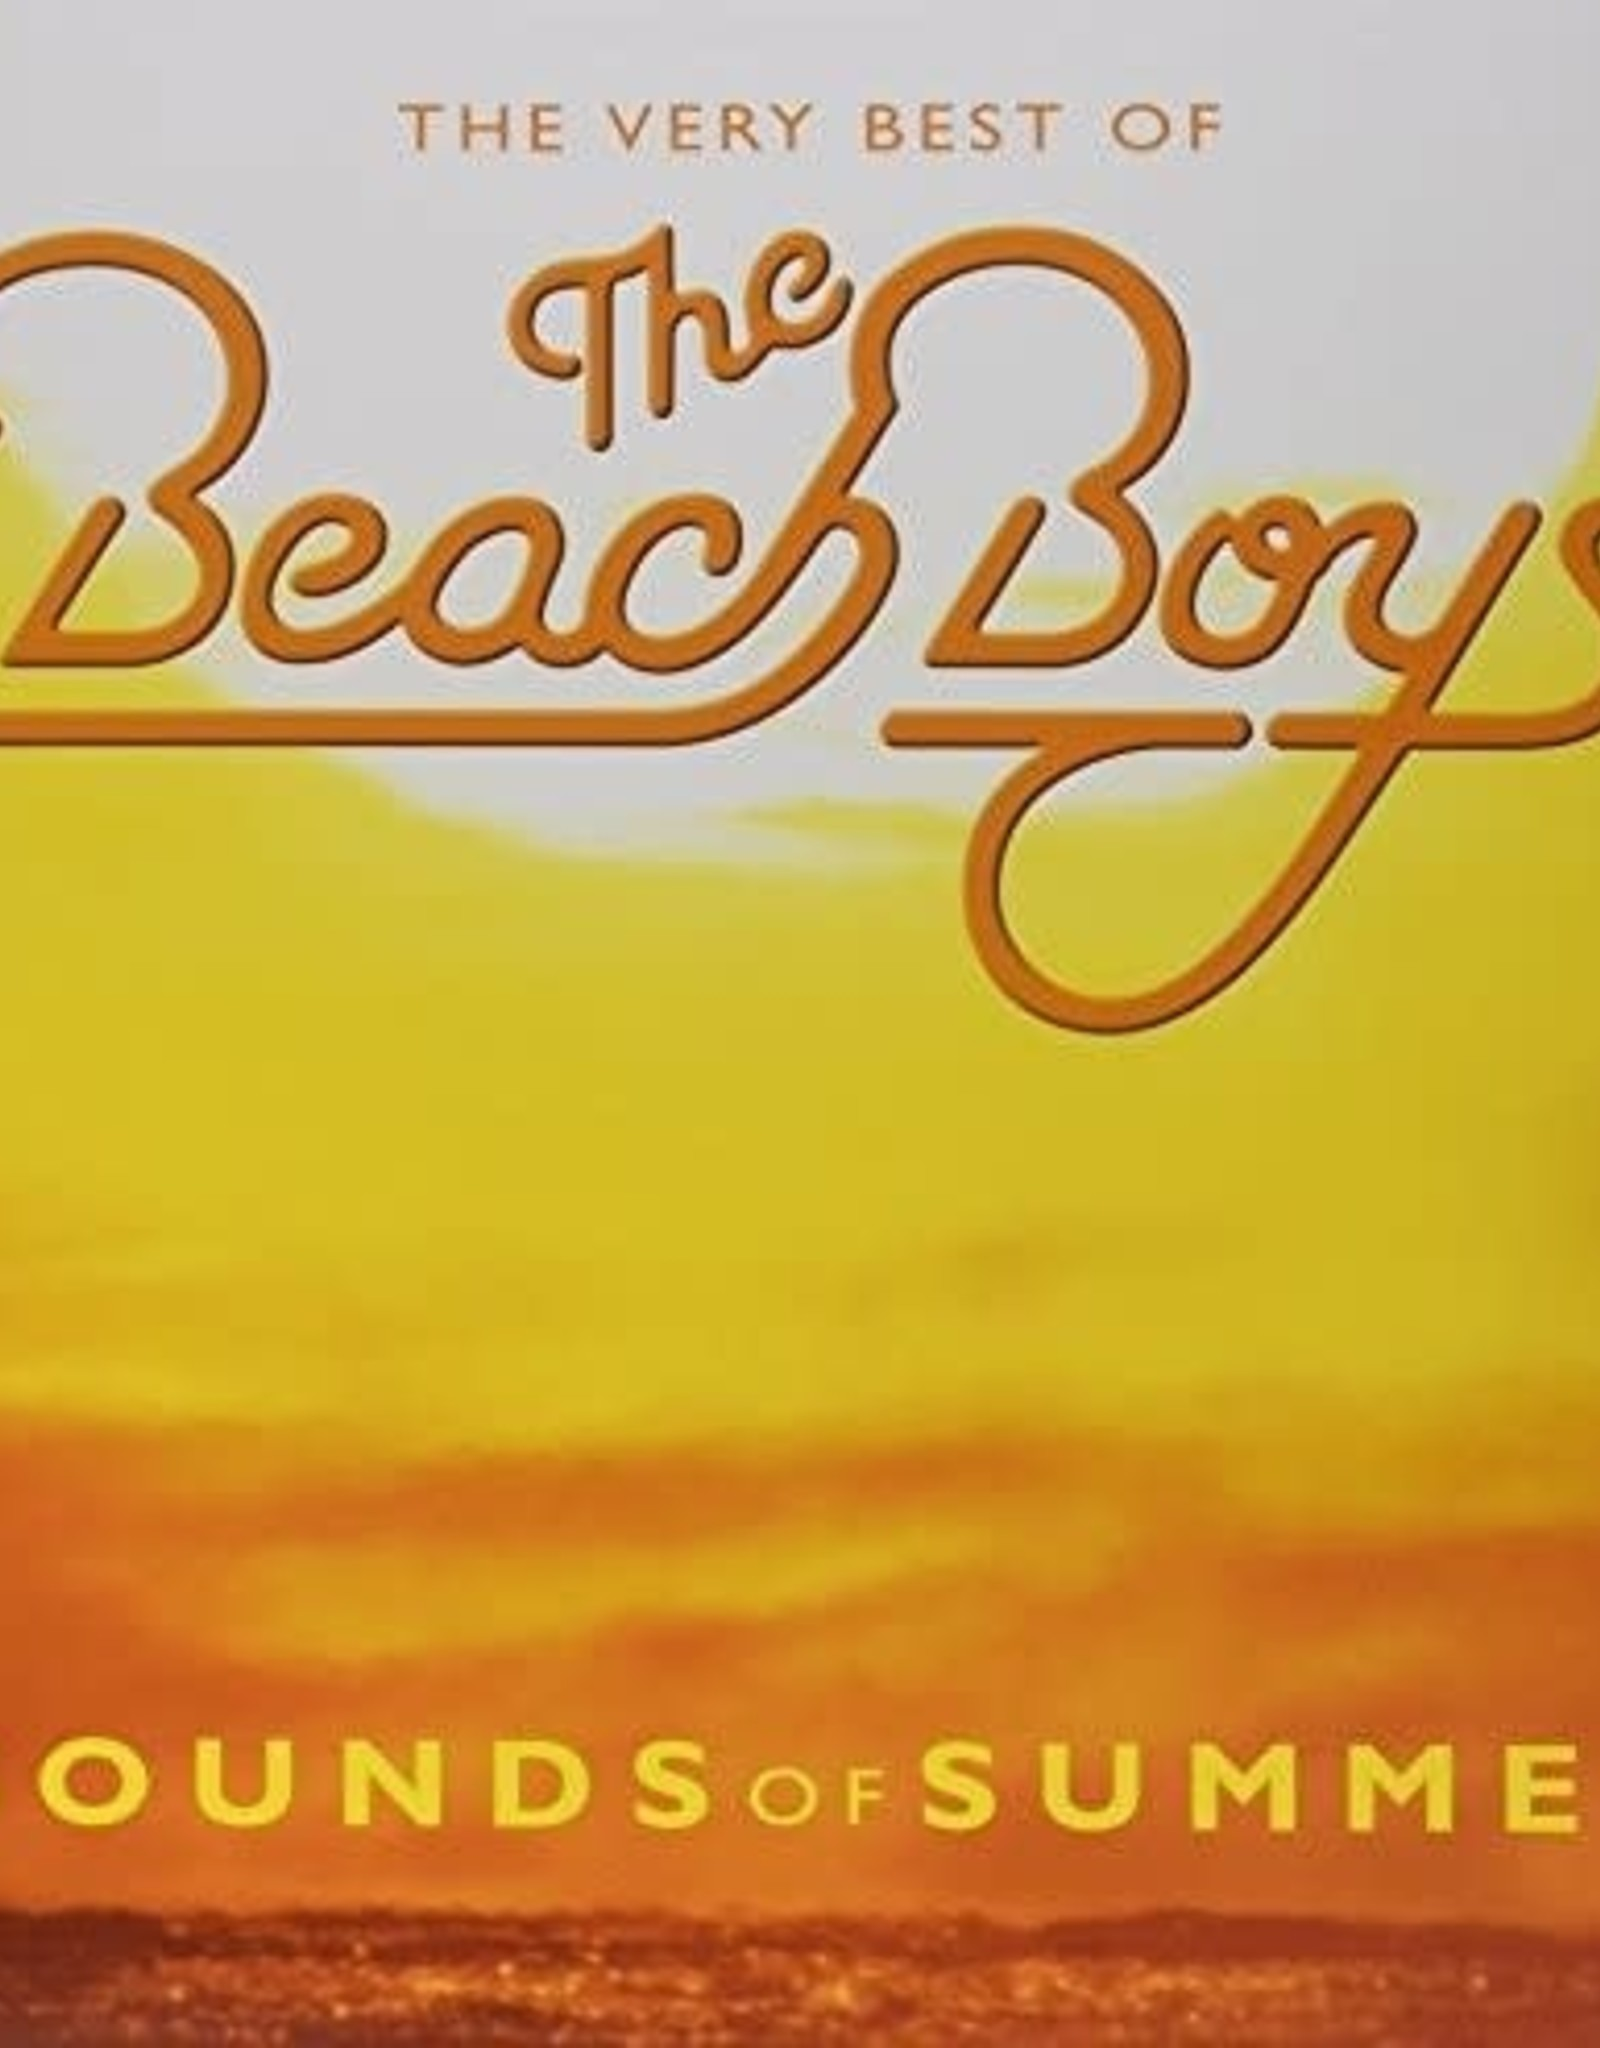 Beach Boys - Sounds of Summer: The Very Best of the Beach Boys